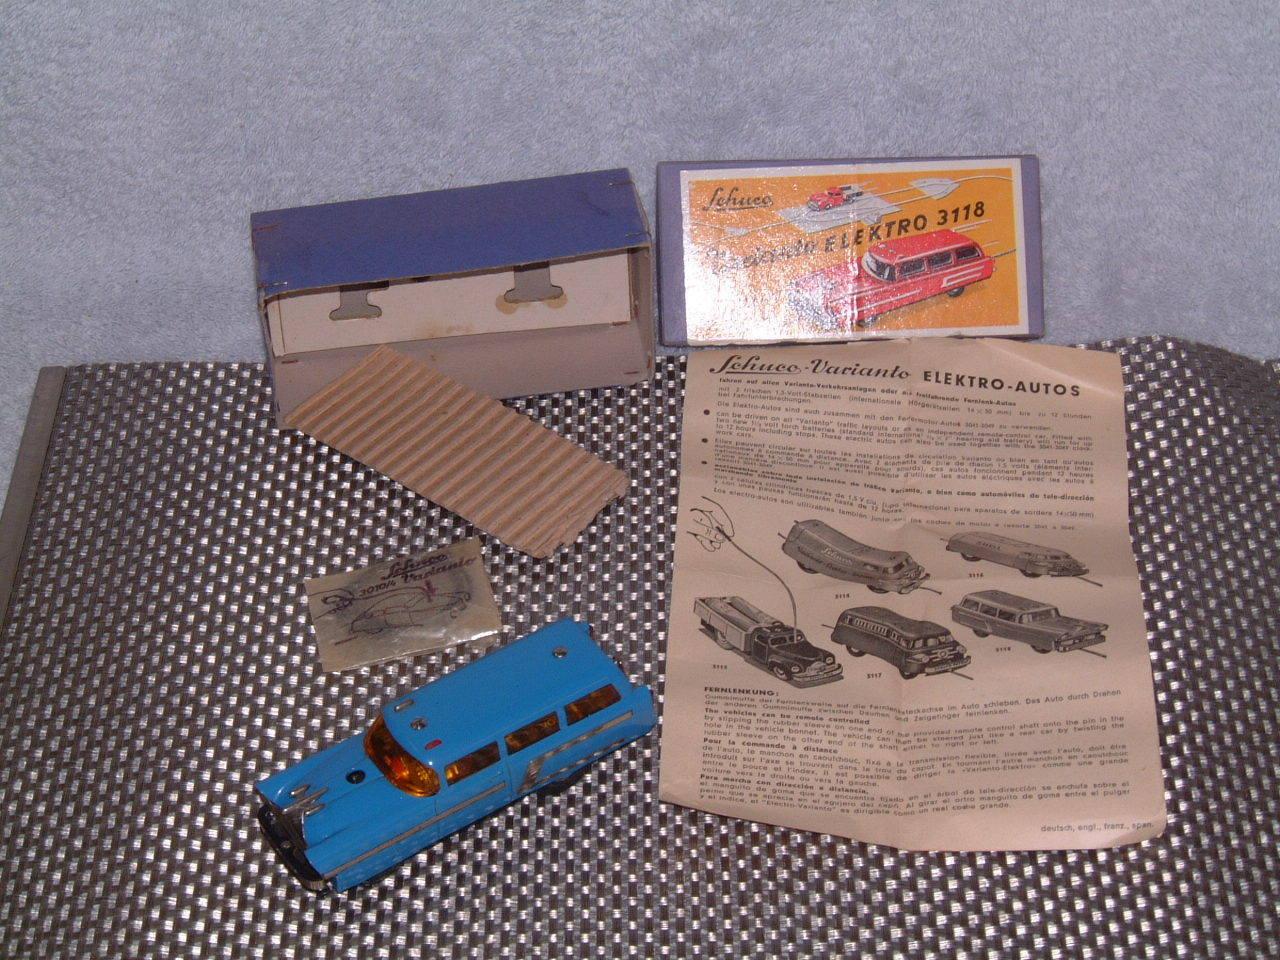 Schuco VARIANTO Elektro Kombi desde 3118   Vintage trabajando con Caja Y Accesorios